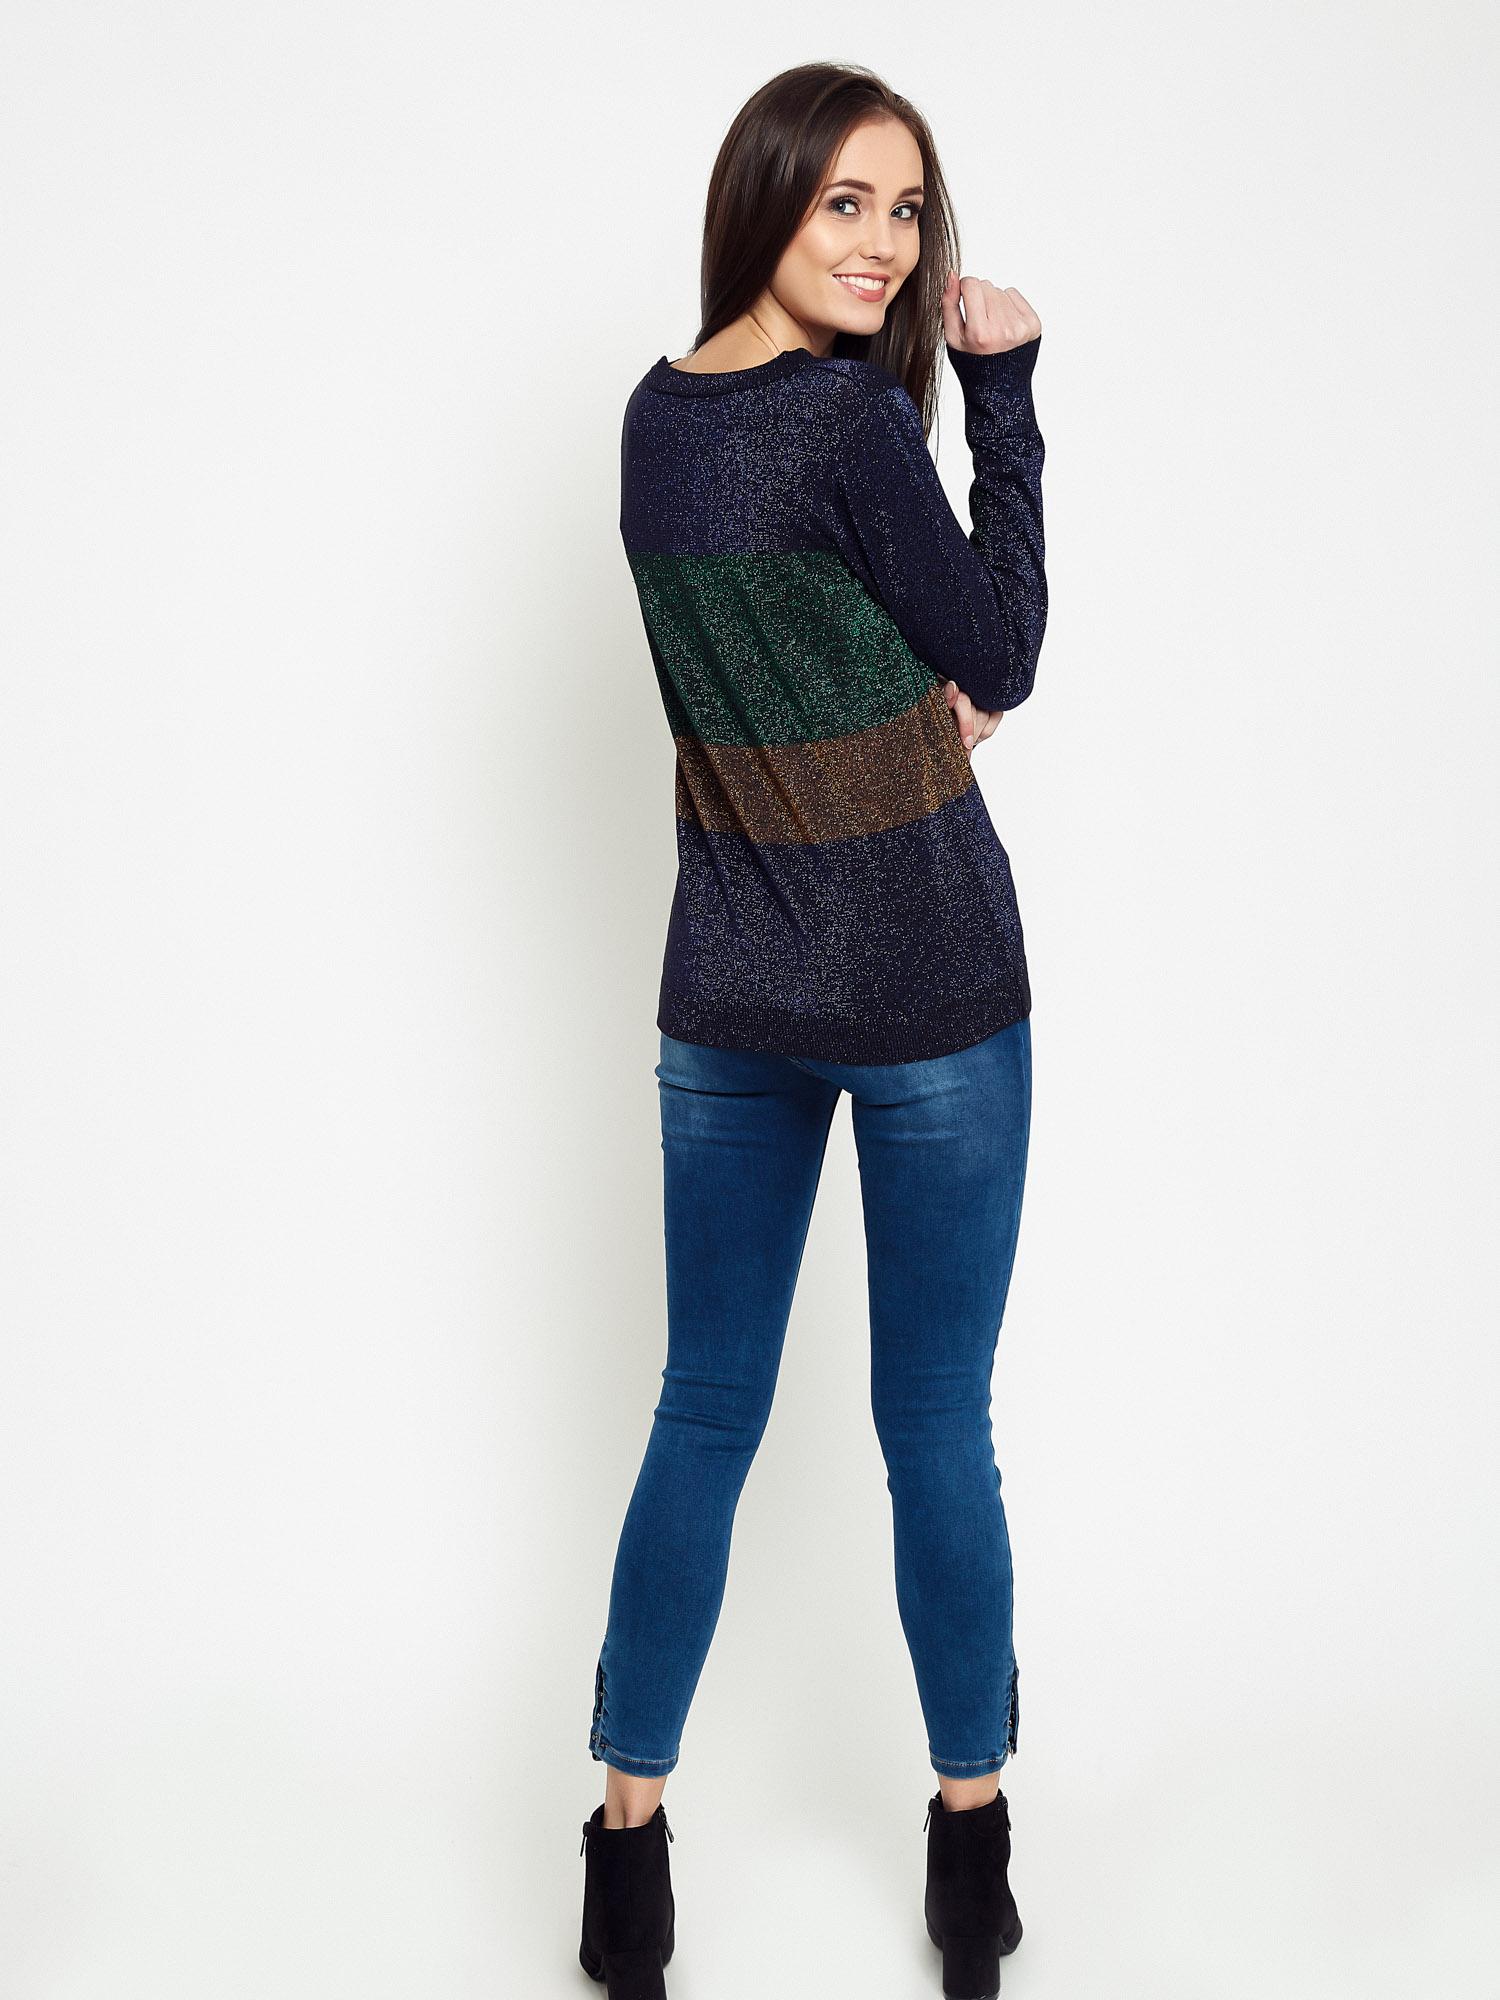 fajny i stylowy damskie sweter